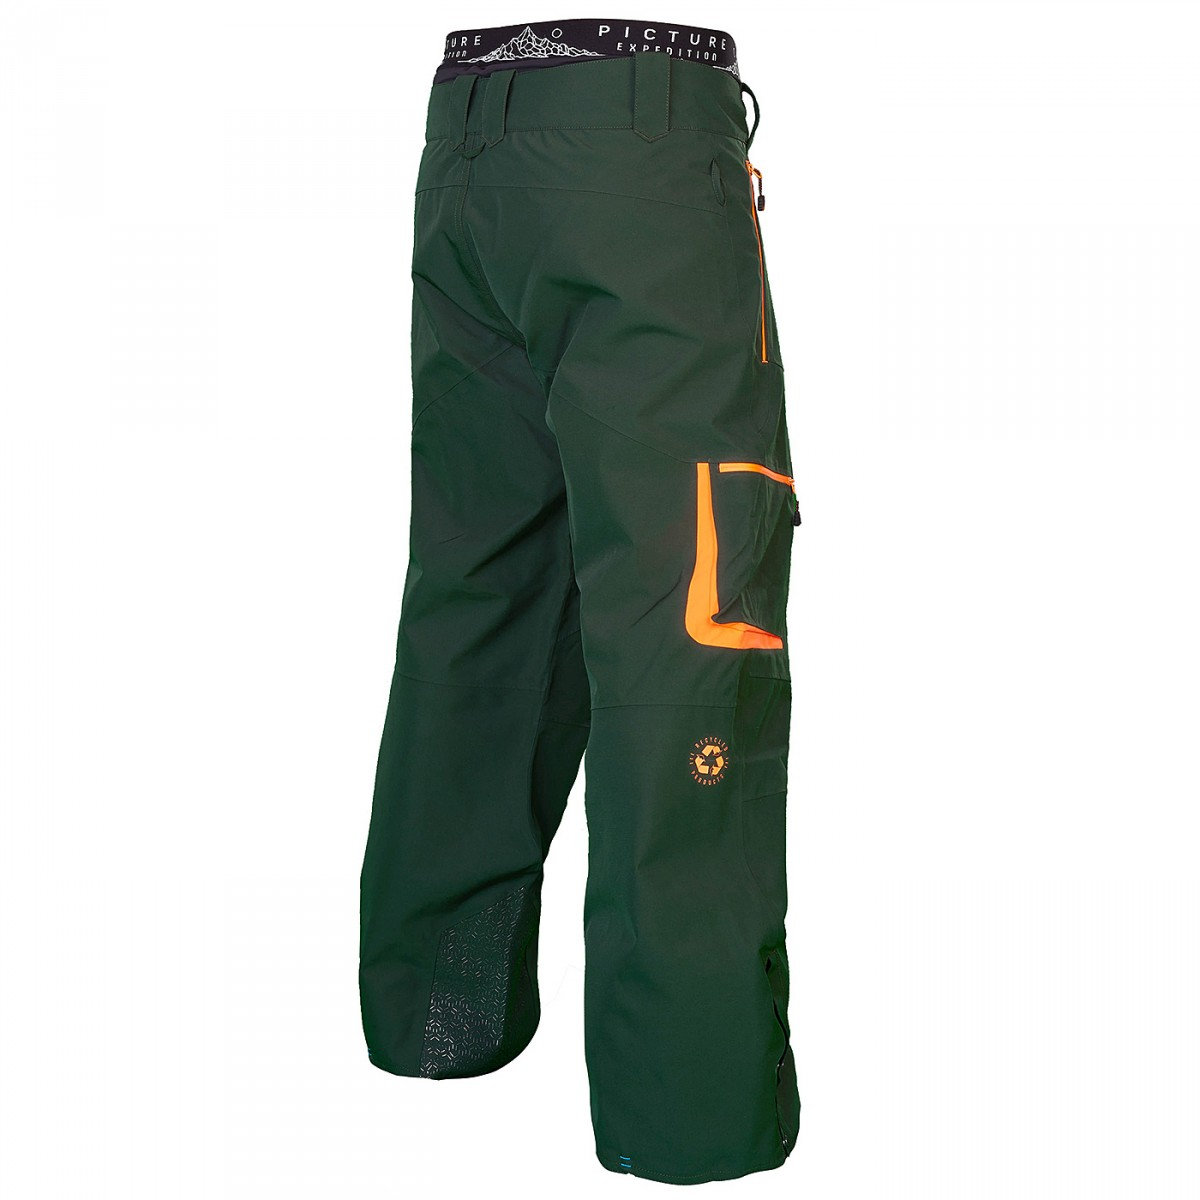 new style fecac 07a13 Pantalone sci freeride Picture Track Uomo - Abbigliamento sci